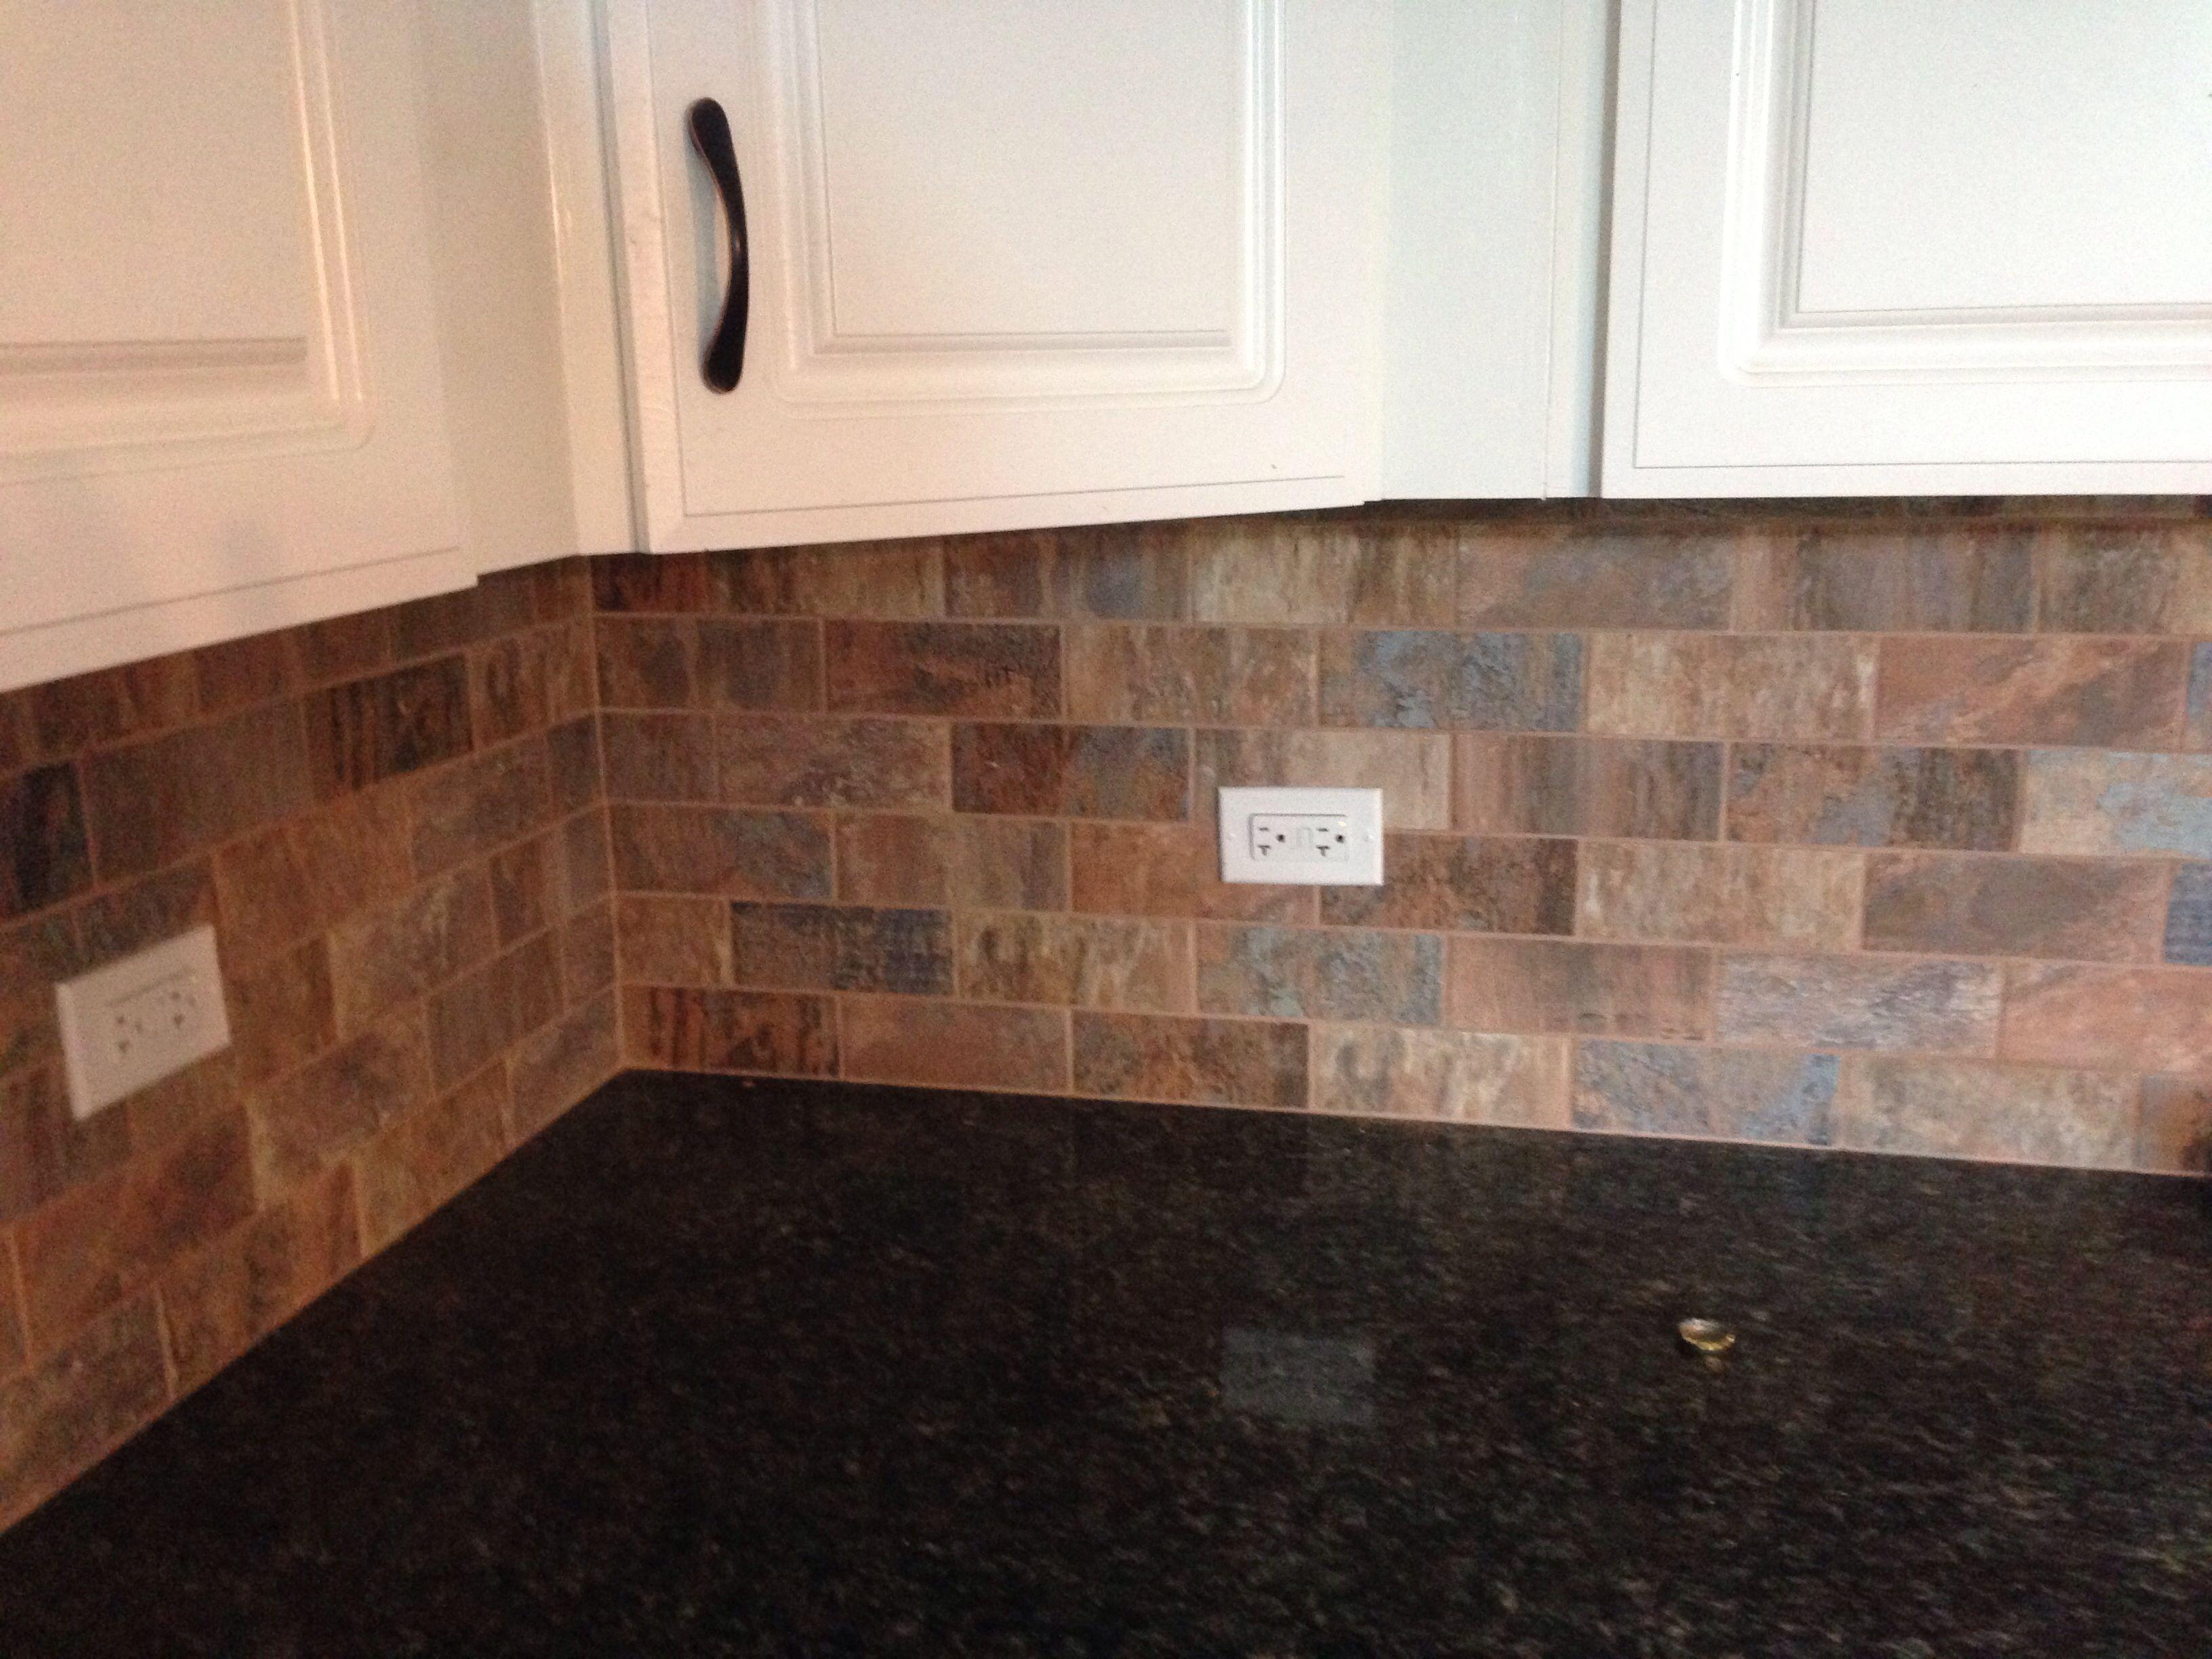 Backsplash made from 4 different 12 5 x 50cm porcelain floor tile patterns cut into brick shapes